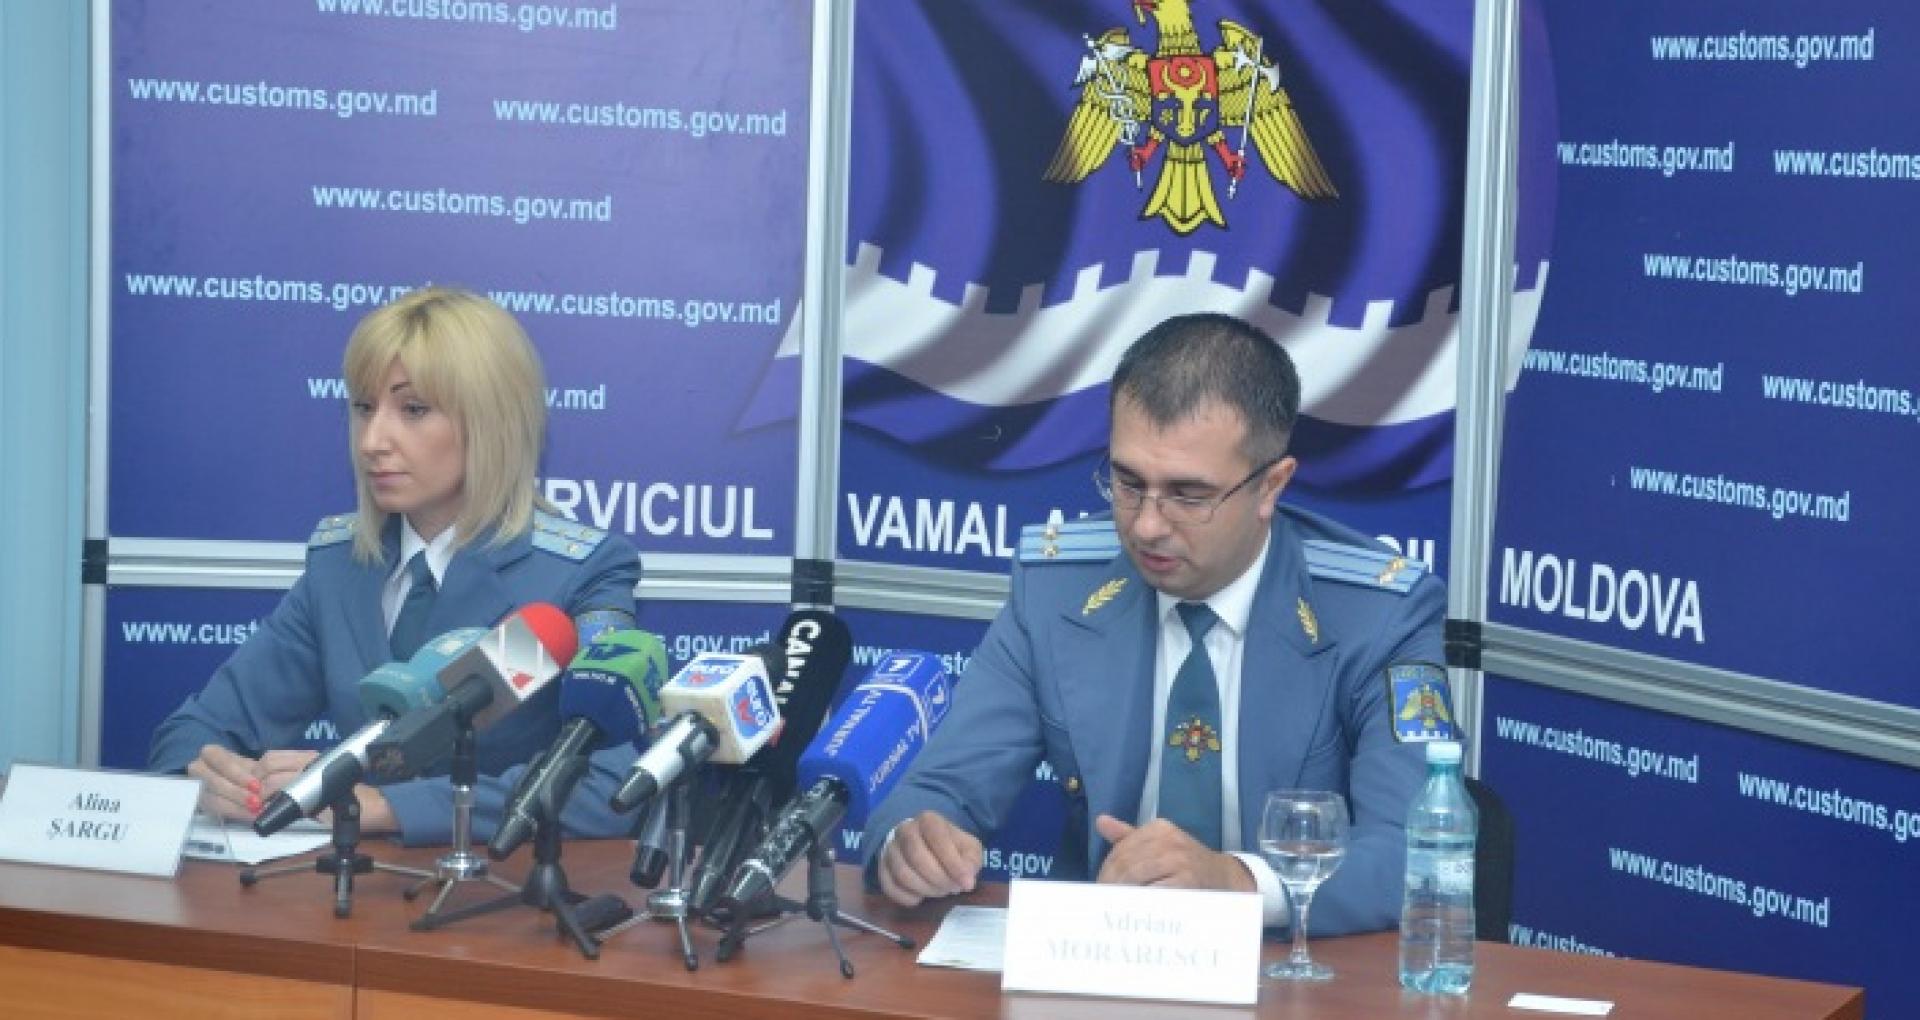 Șeful adjunct al Serviciului Vamal, Adrian Morărescu, și-a dat demisia